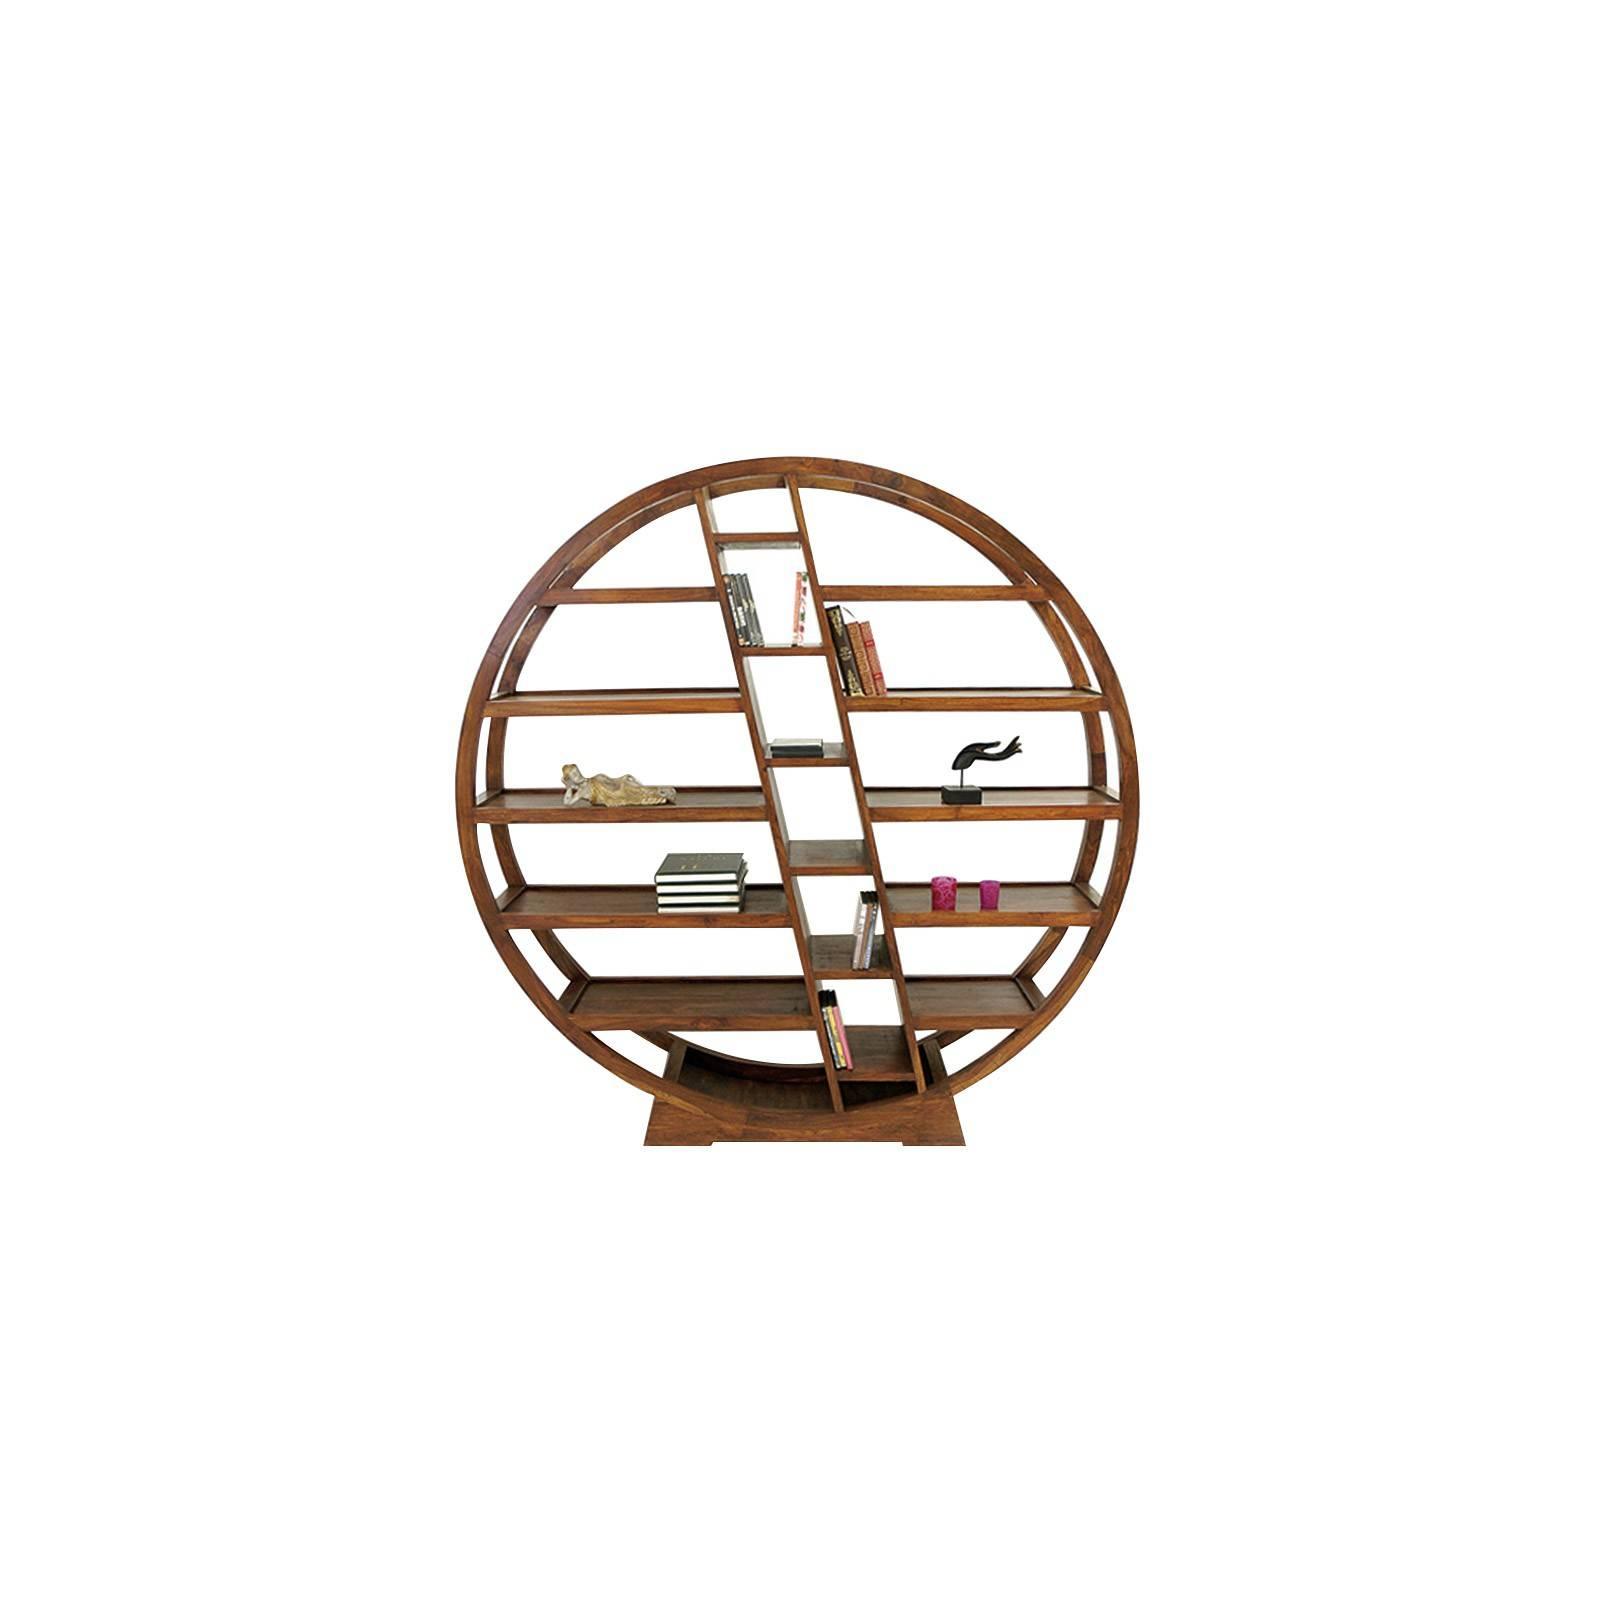 Étagère ronde, fabrication artisanale. Collection Lhassa en palissandre massif